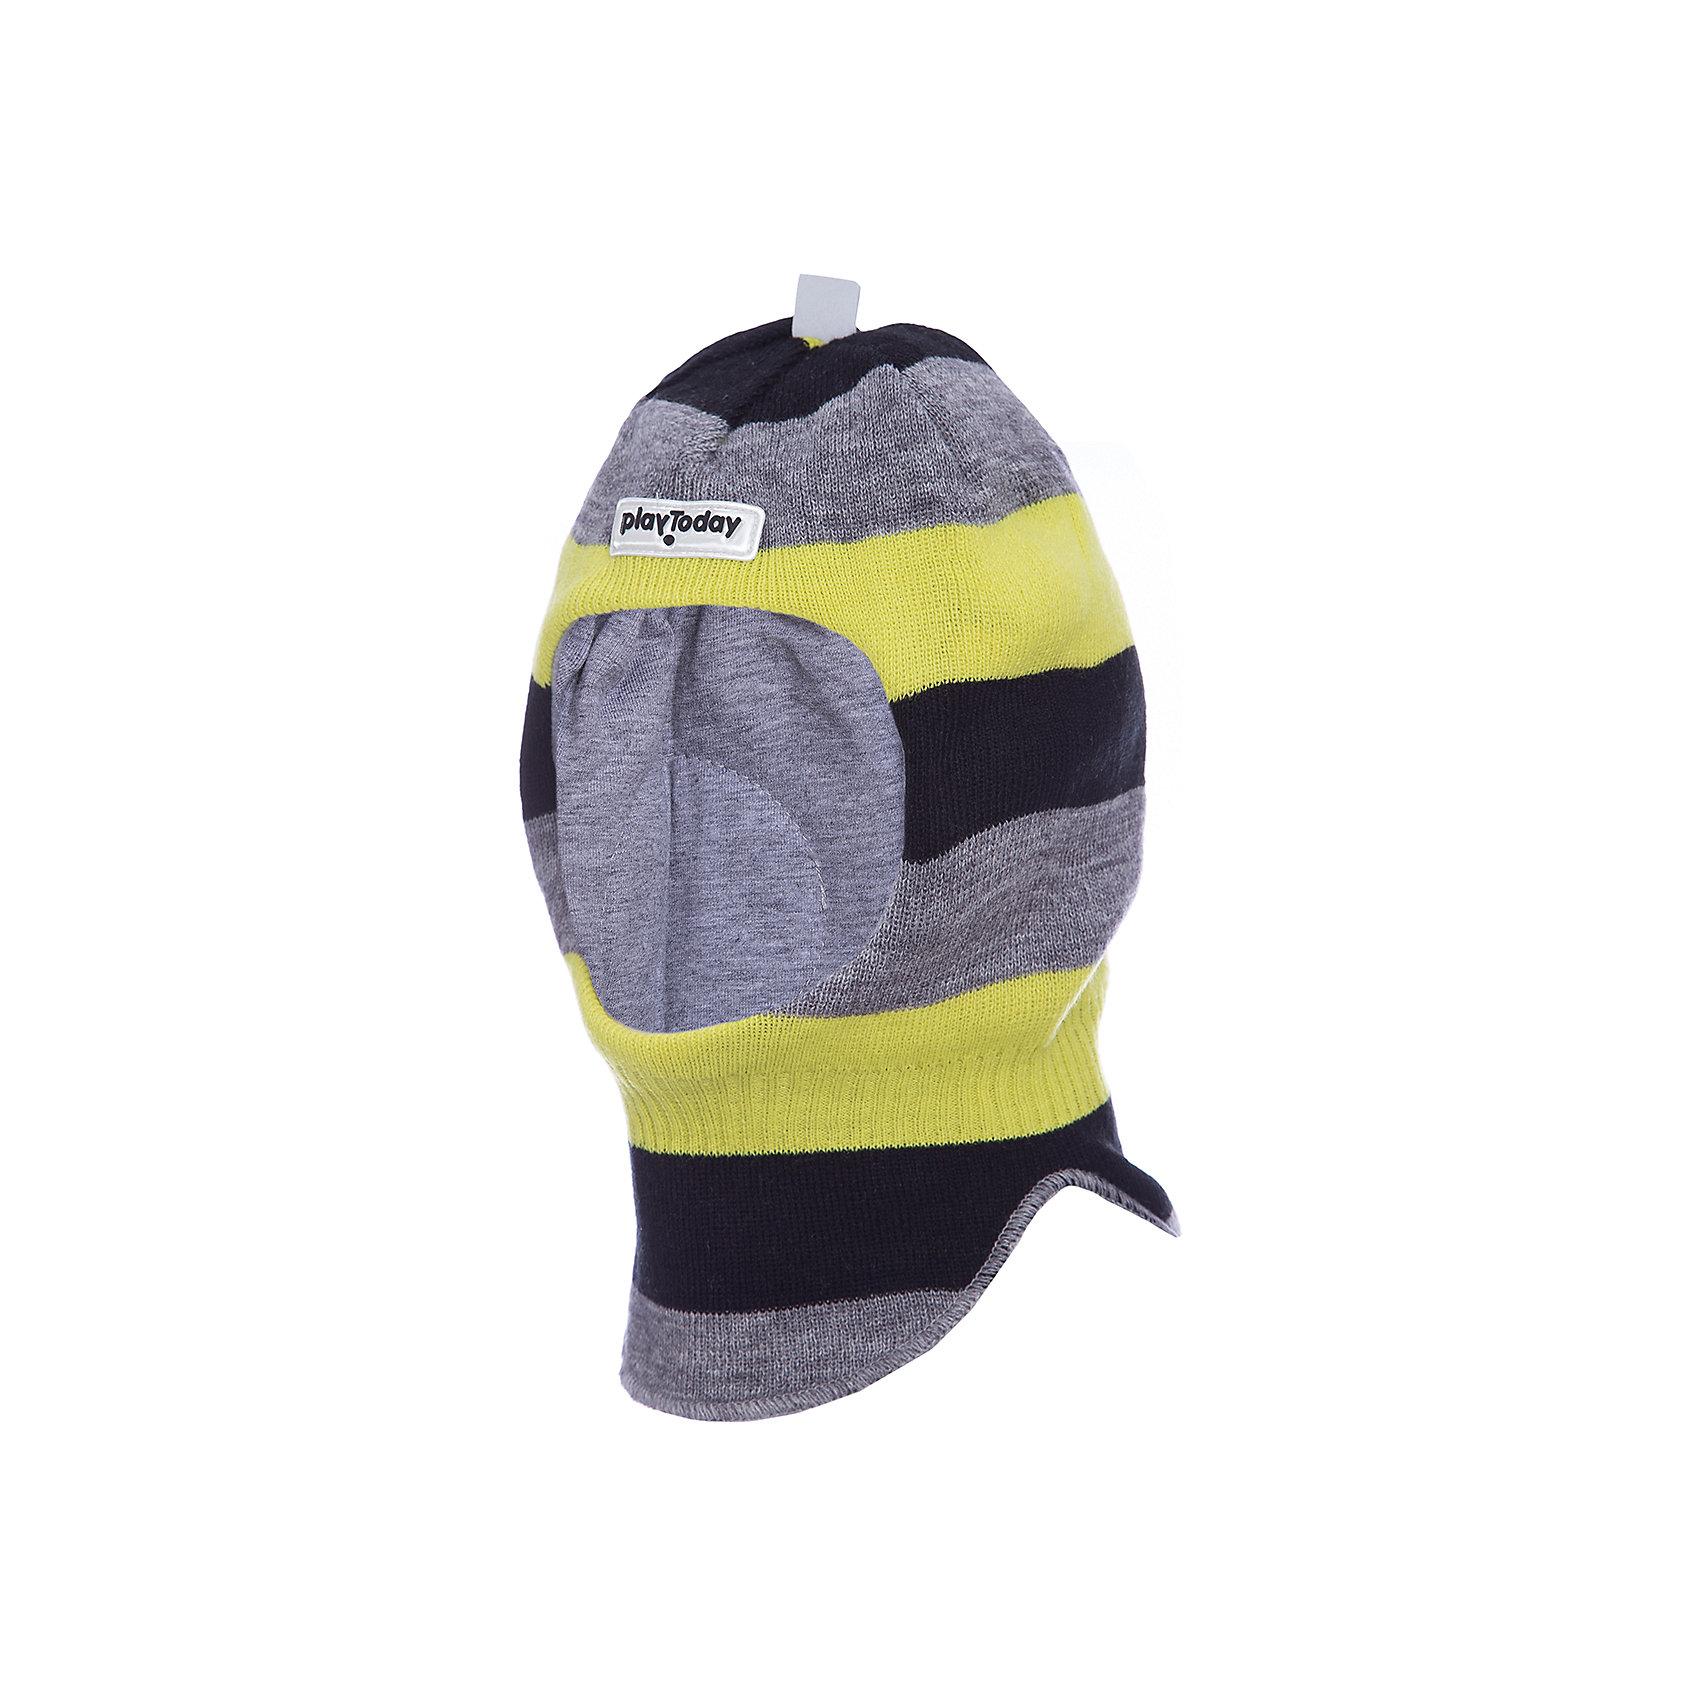 Шапка-шлем PlayToday для мальчикаГоловные уборы<br>Шапка-шлем PlayToday для мальчика<br>Шапка - шлем. Модель на подкладке из мягкого трикотажа. Специальные вставки защитят уши ребенка при сильном ветре. Шапка плотно прилегает к голове и комфортна при носке. Дополнена светоотражающими элементами. Ребенок будет виден в темное время суток.<br>Состав:<br>Верх: 70% акрил, 30% шерсть, подкладка: 60% хлопок, 40% акрил<br><br>Ширина мм: 89<br>Глубина мм: 117<br>Высота мм: 44<br>Вес г: 155<br>Цвет: белый<br>Возраст от месяцев: 72<br>Возраст до месяцев: 84<br>Пол: Мужской<br>Возраст: Детский<br>Размер: 54,50,52<br>SKU: 7110706